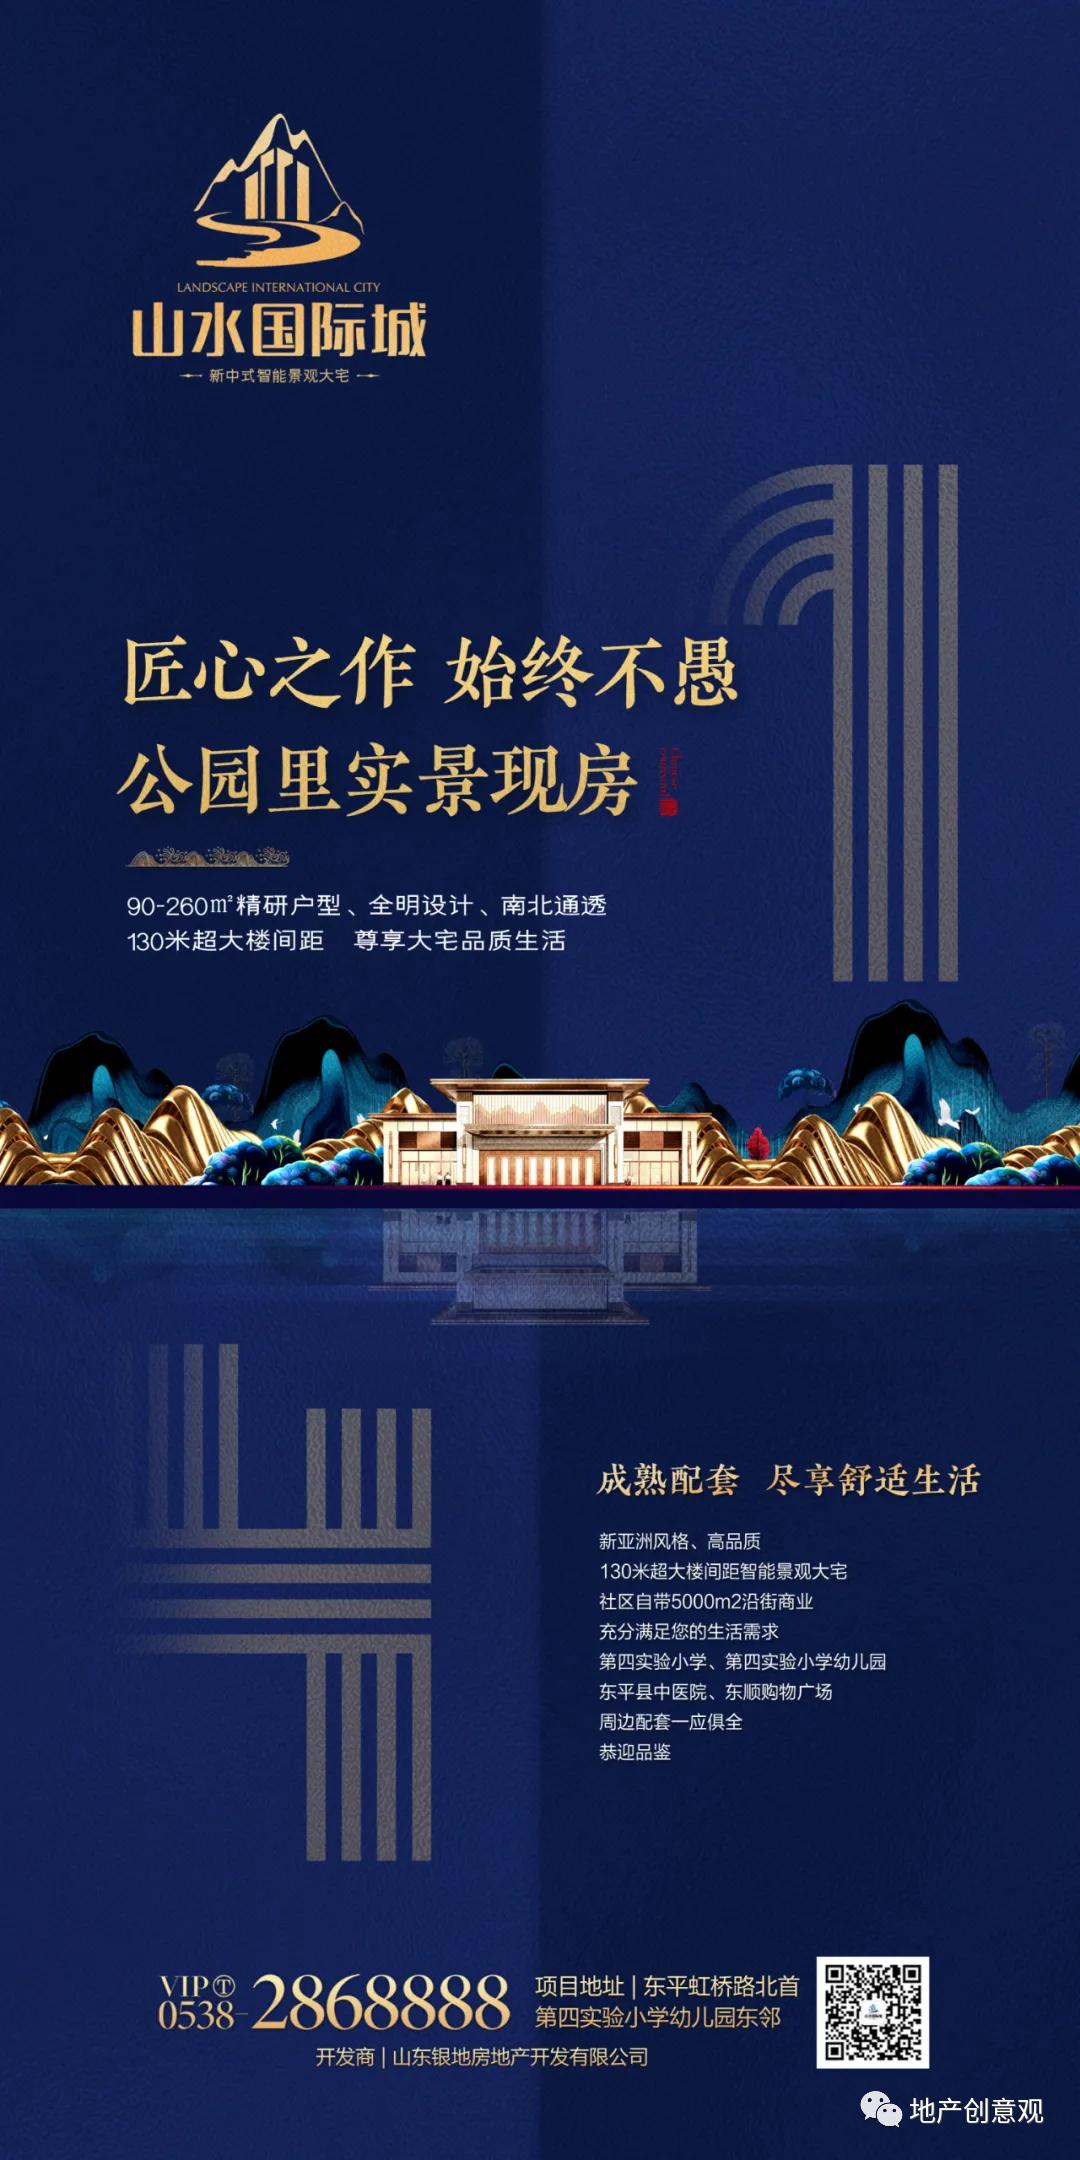 地产广告丨2021愚人节借势海报文案欣赏~插图16